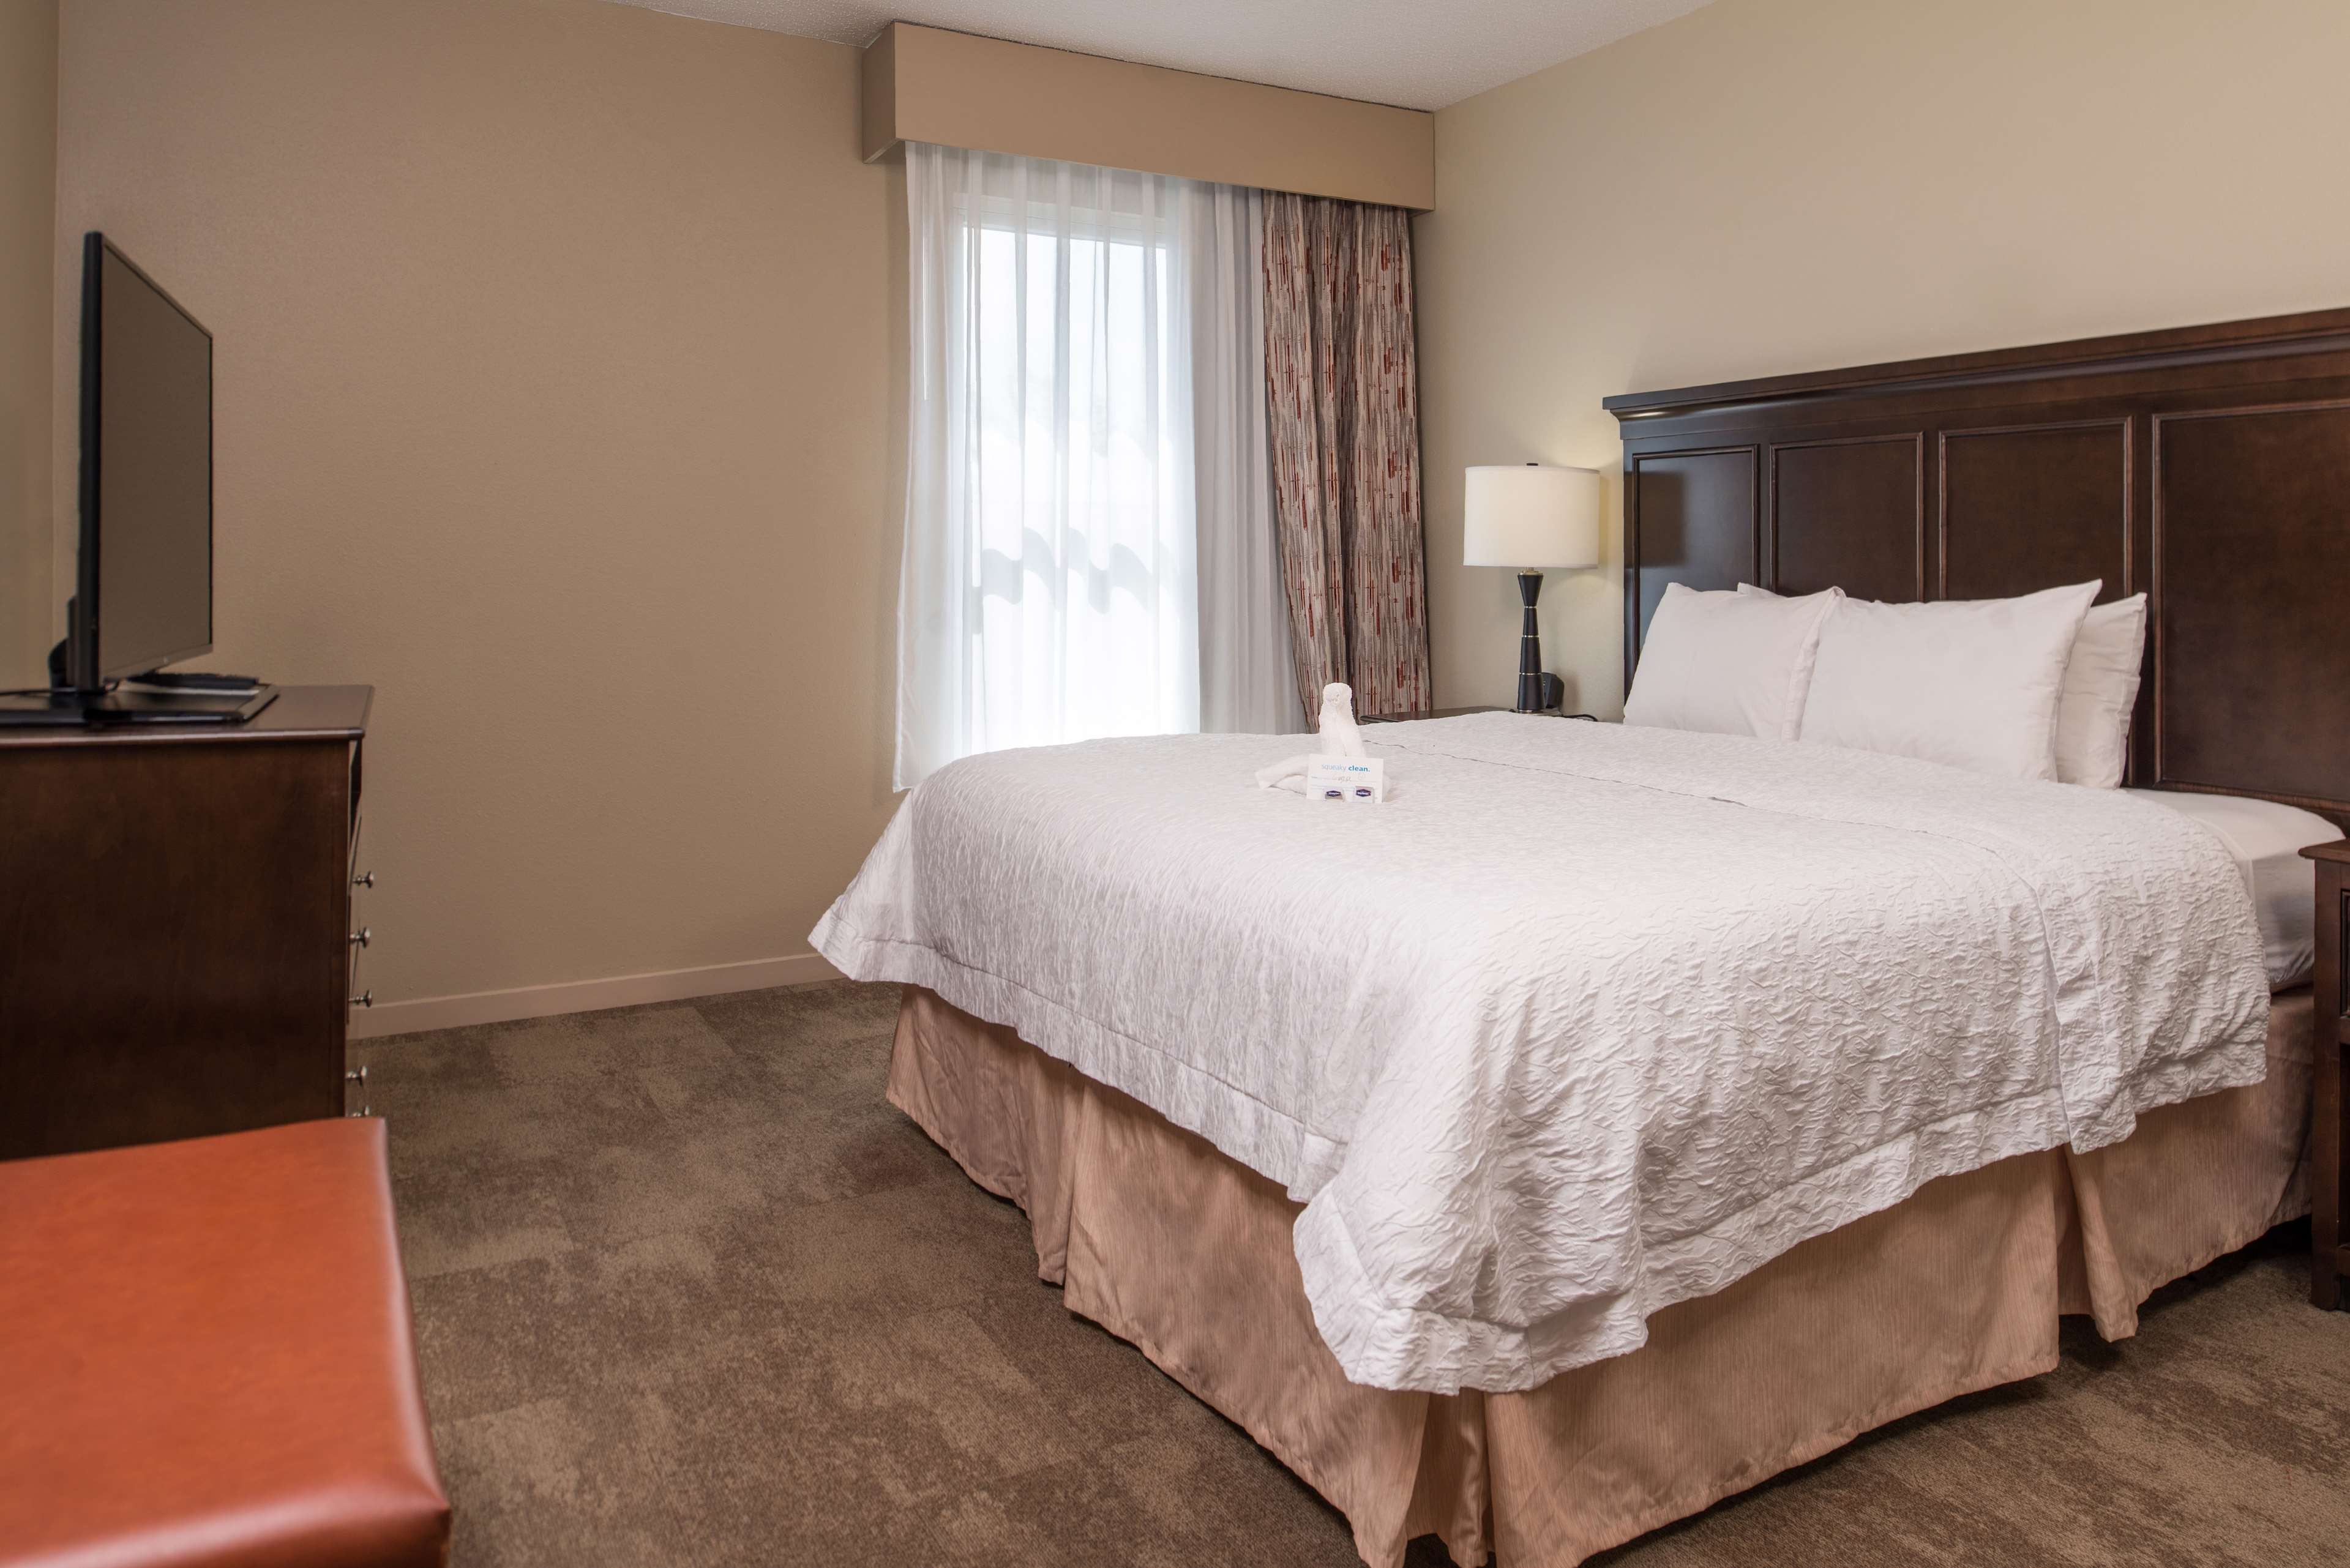 Hampton Inn & Suites Charlotte-Arrowood Rd. image 17